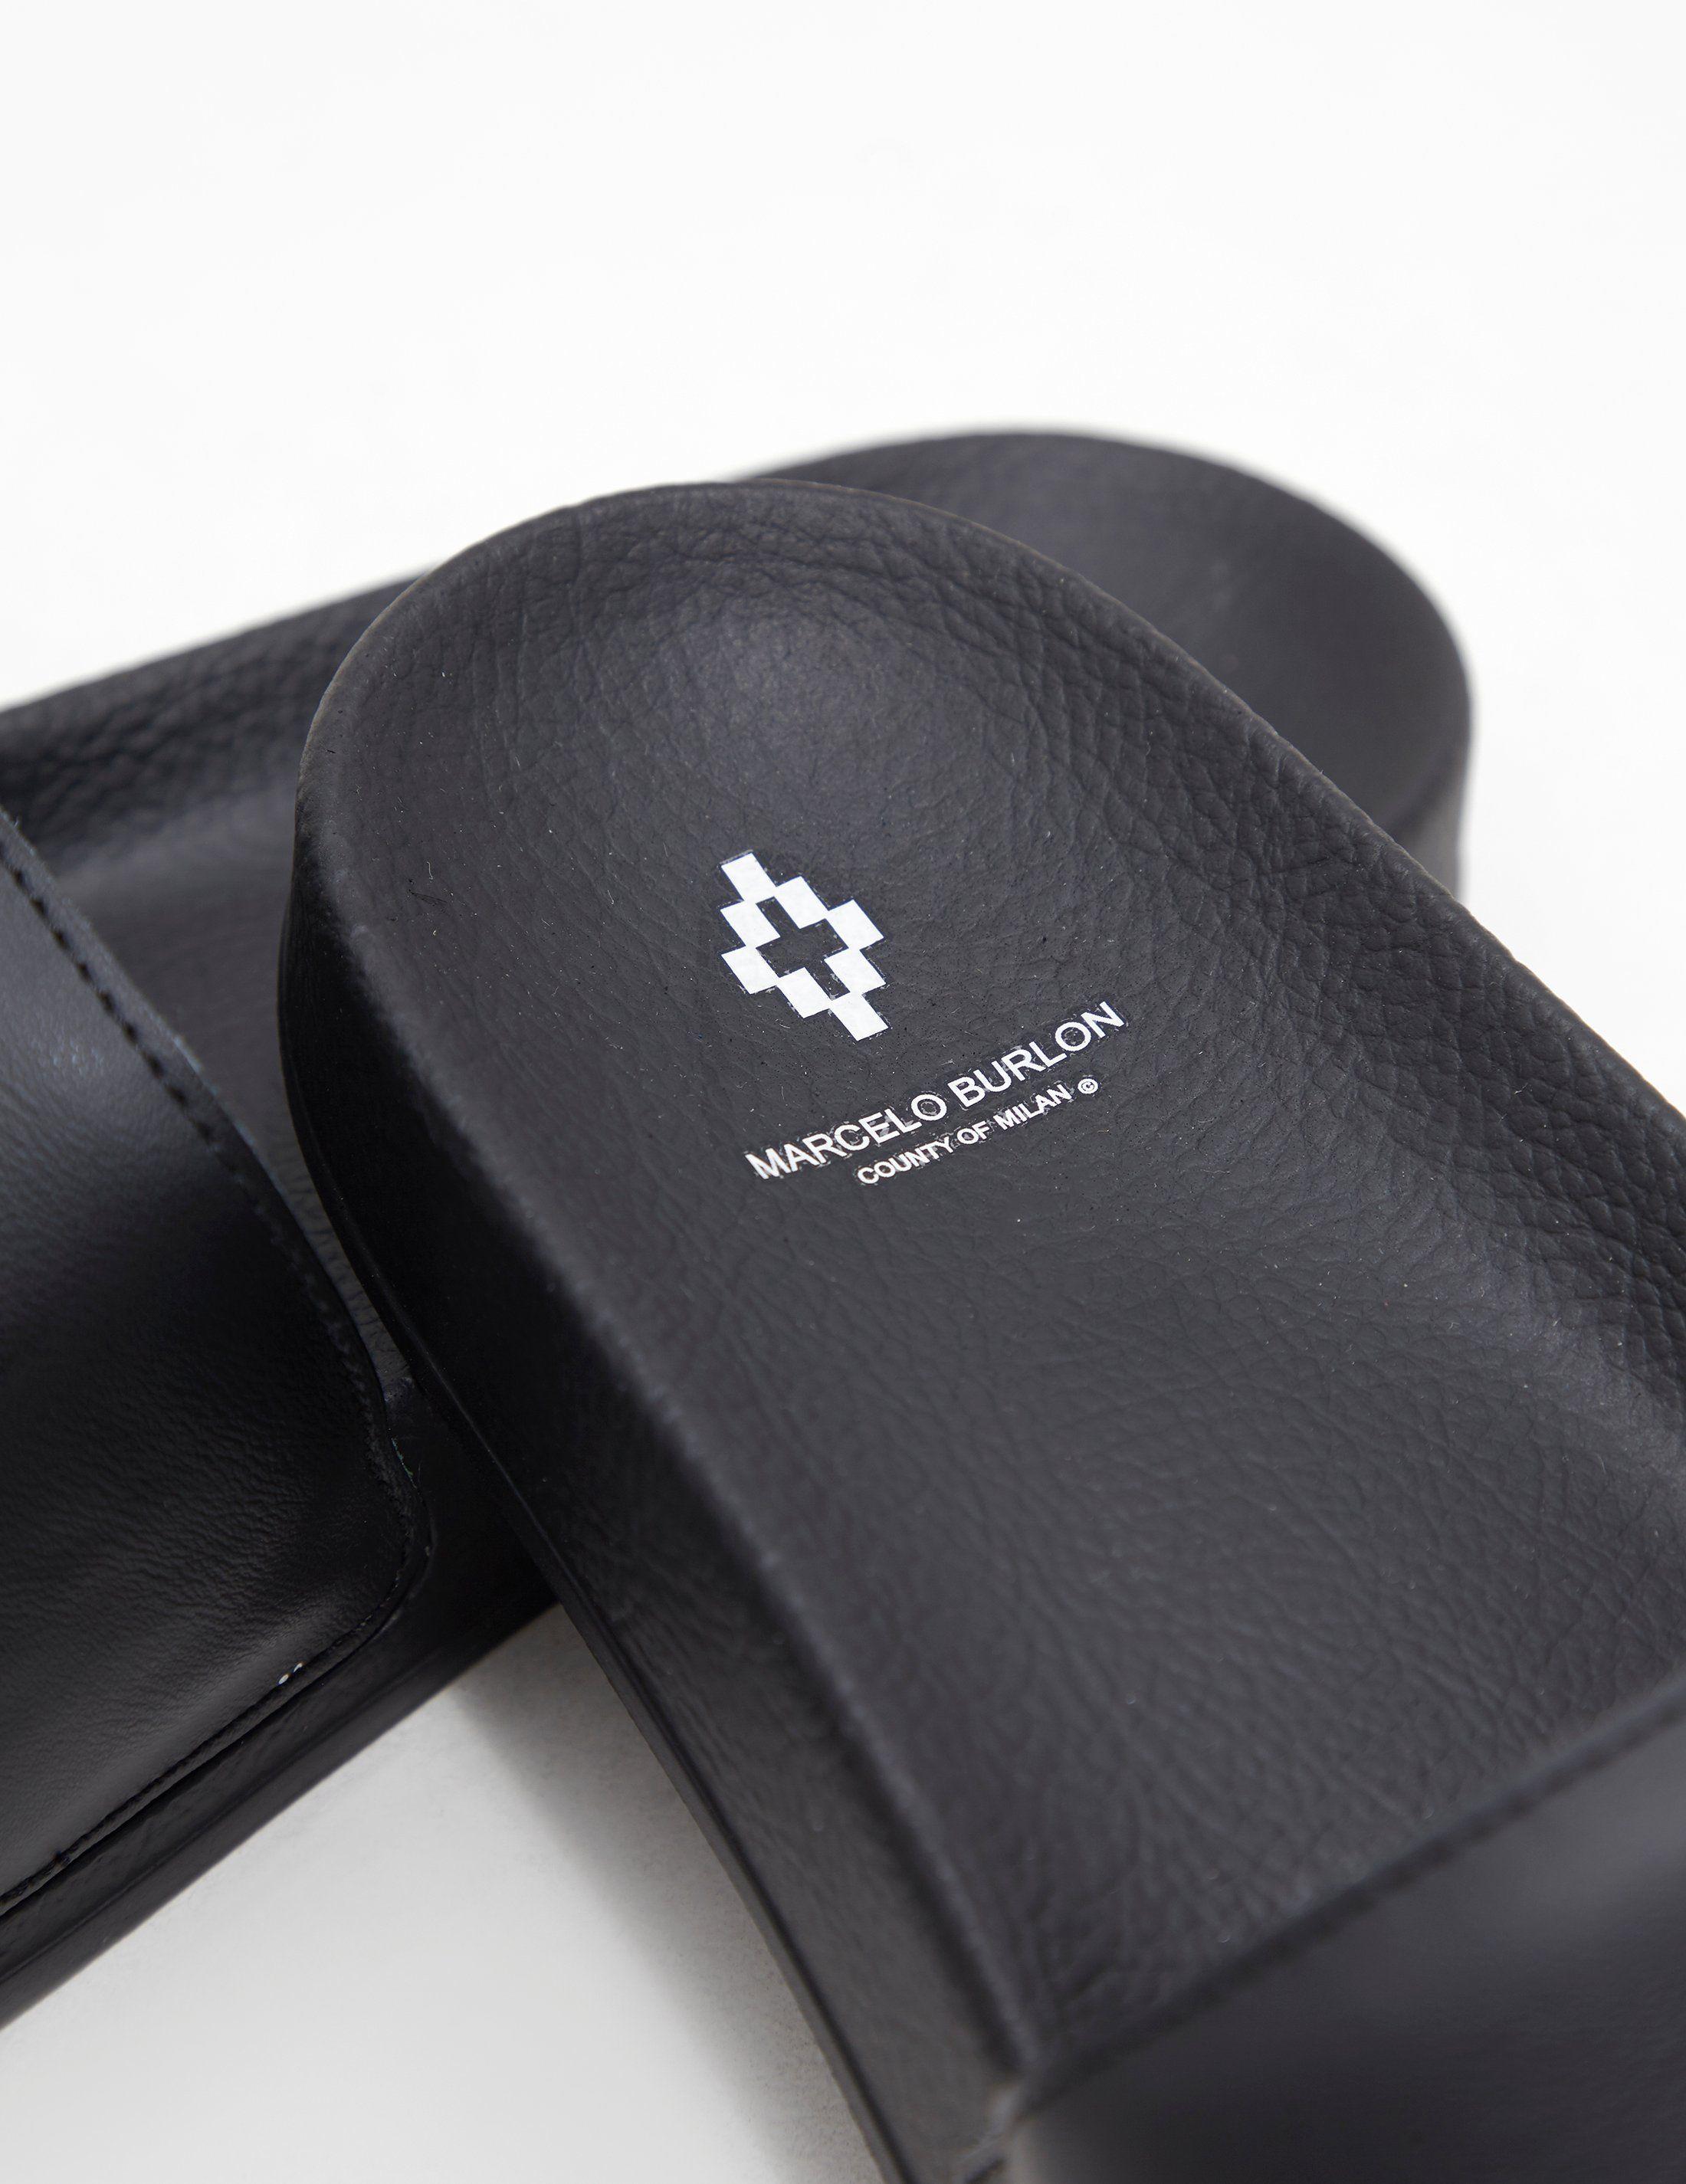 Marcelo Burlon Logo Slides - Online Exclusive